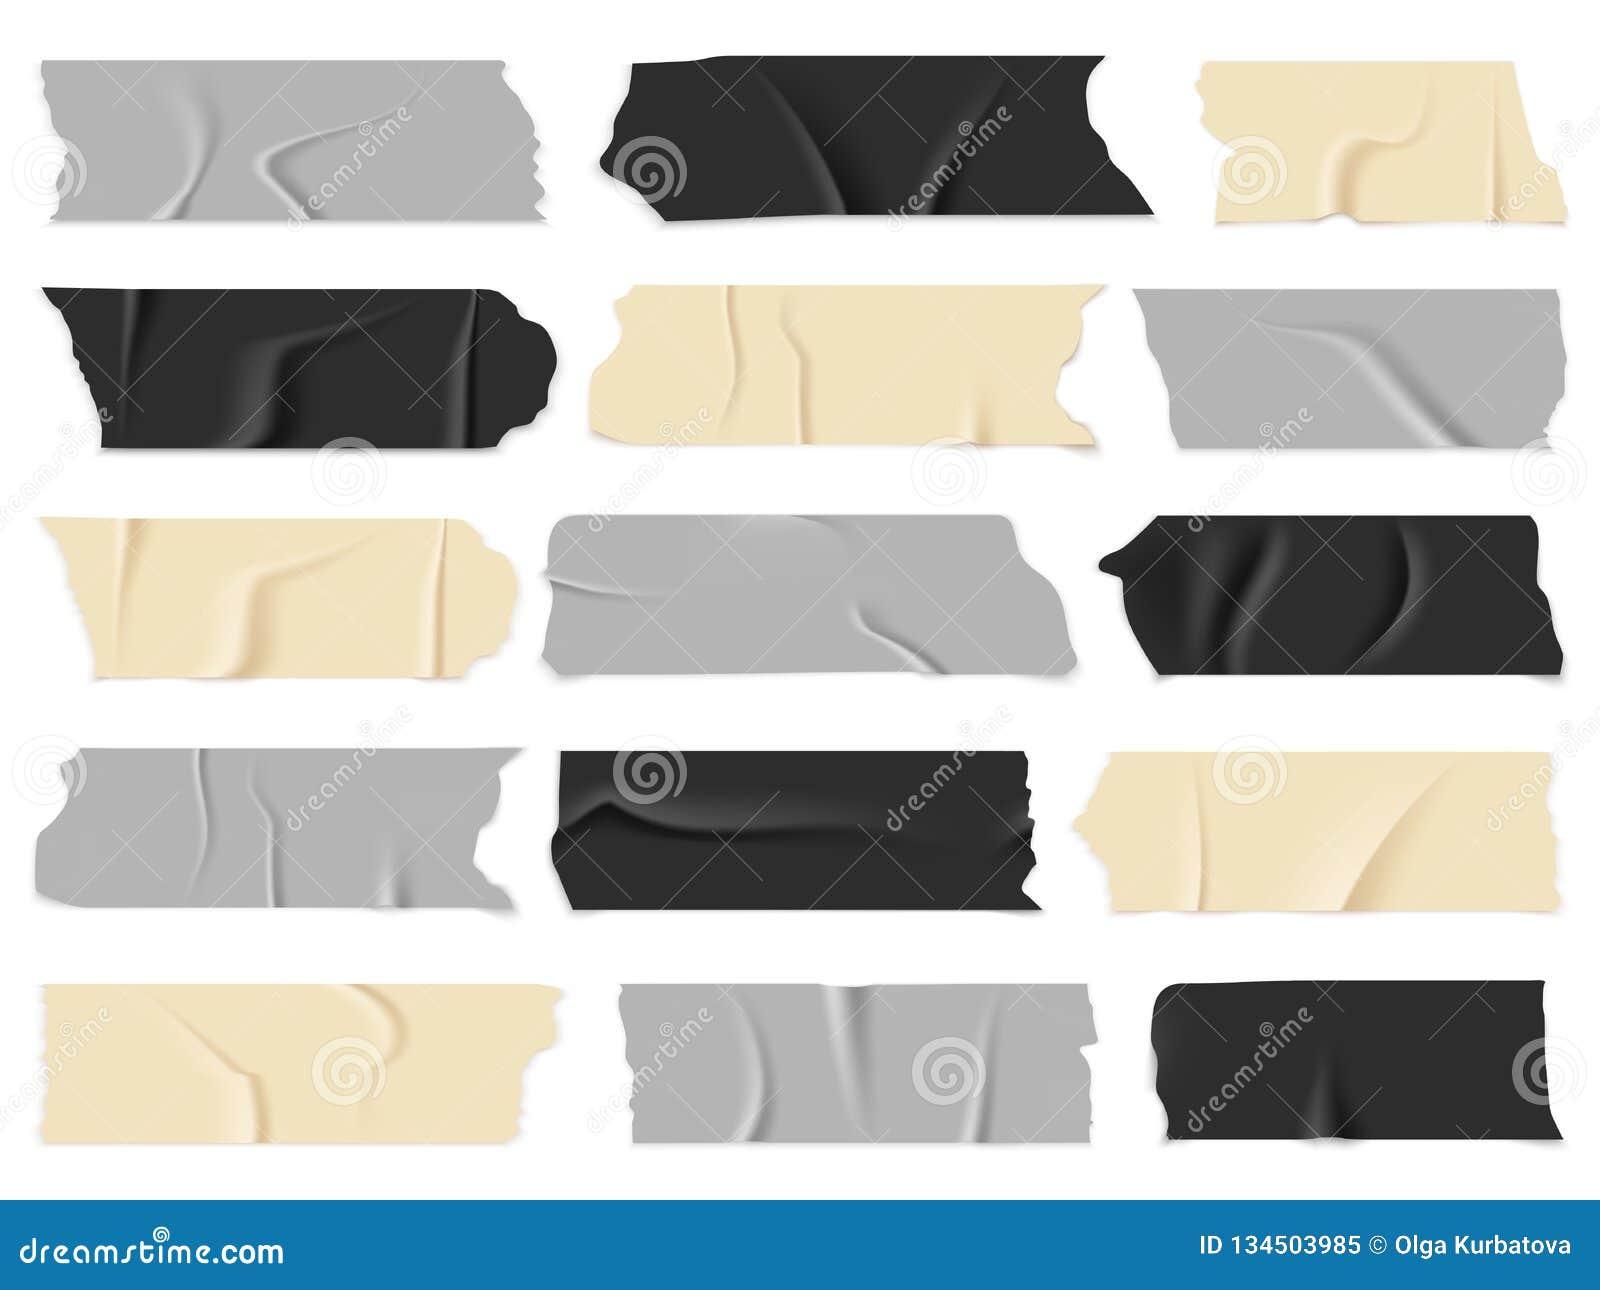 Шотландская лента Прозрачные клейкие ленты, липкие части Изолированный комплект вектора